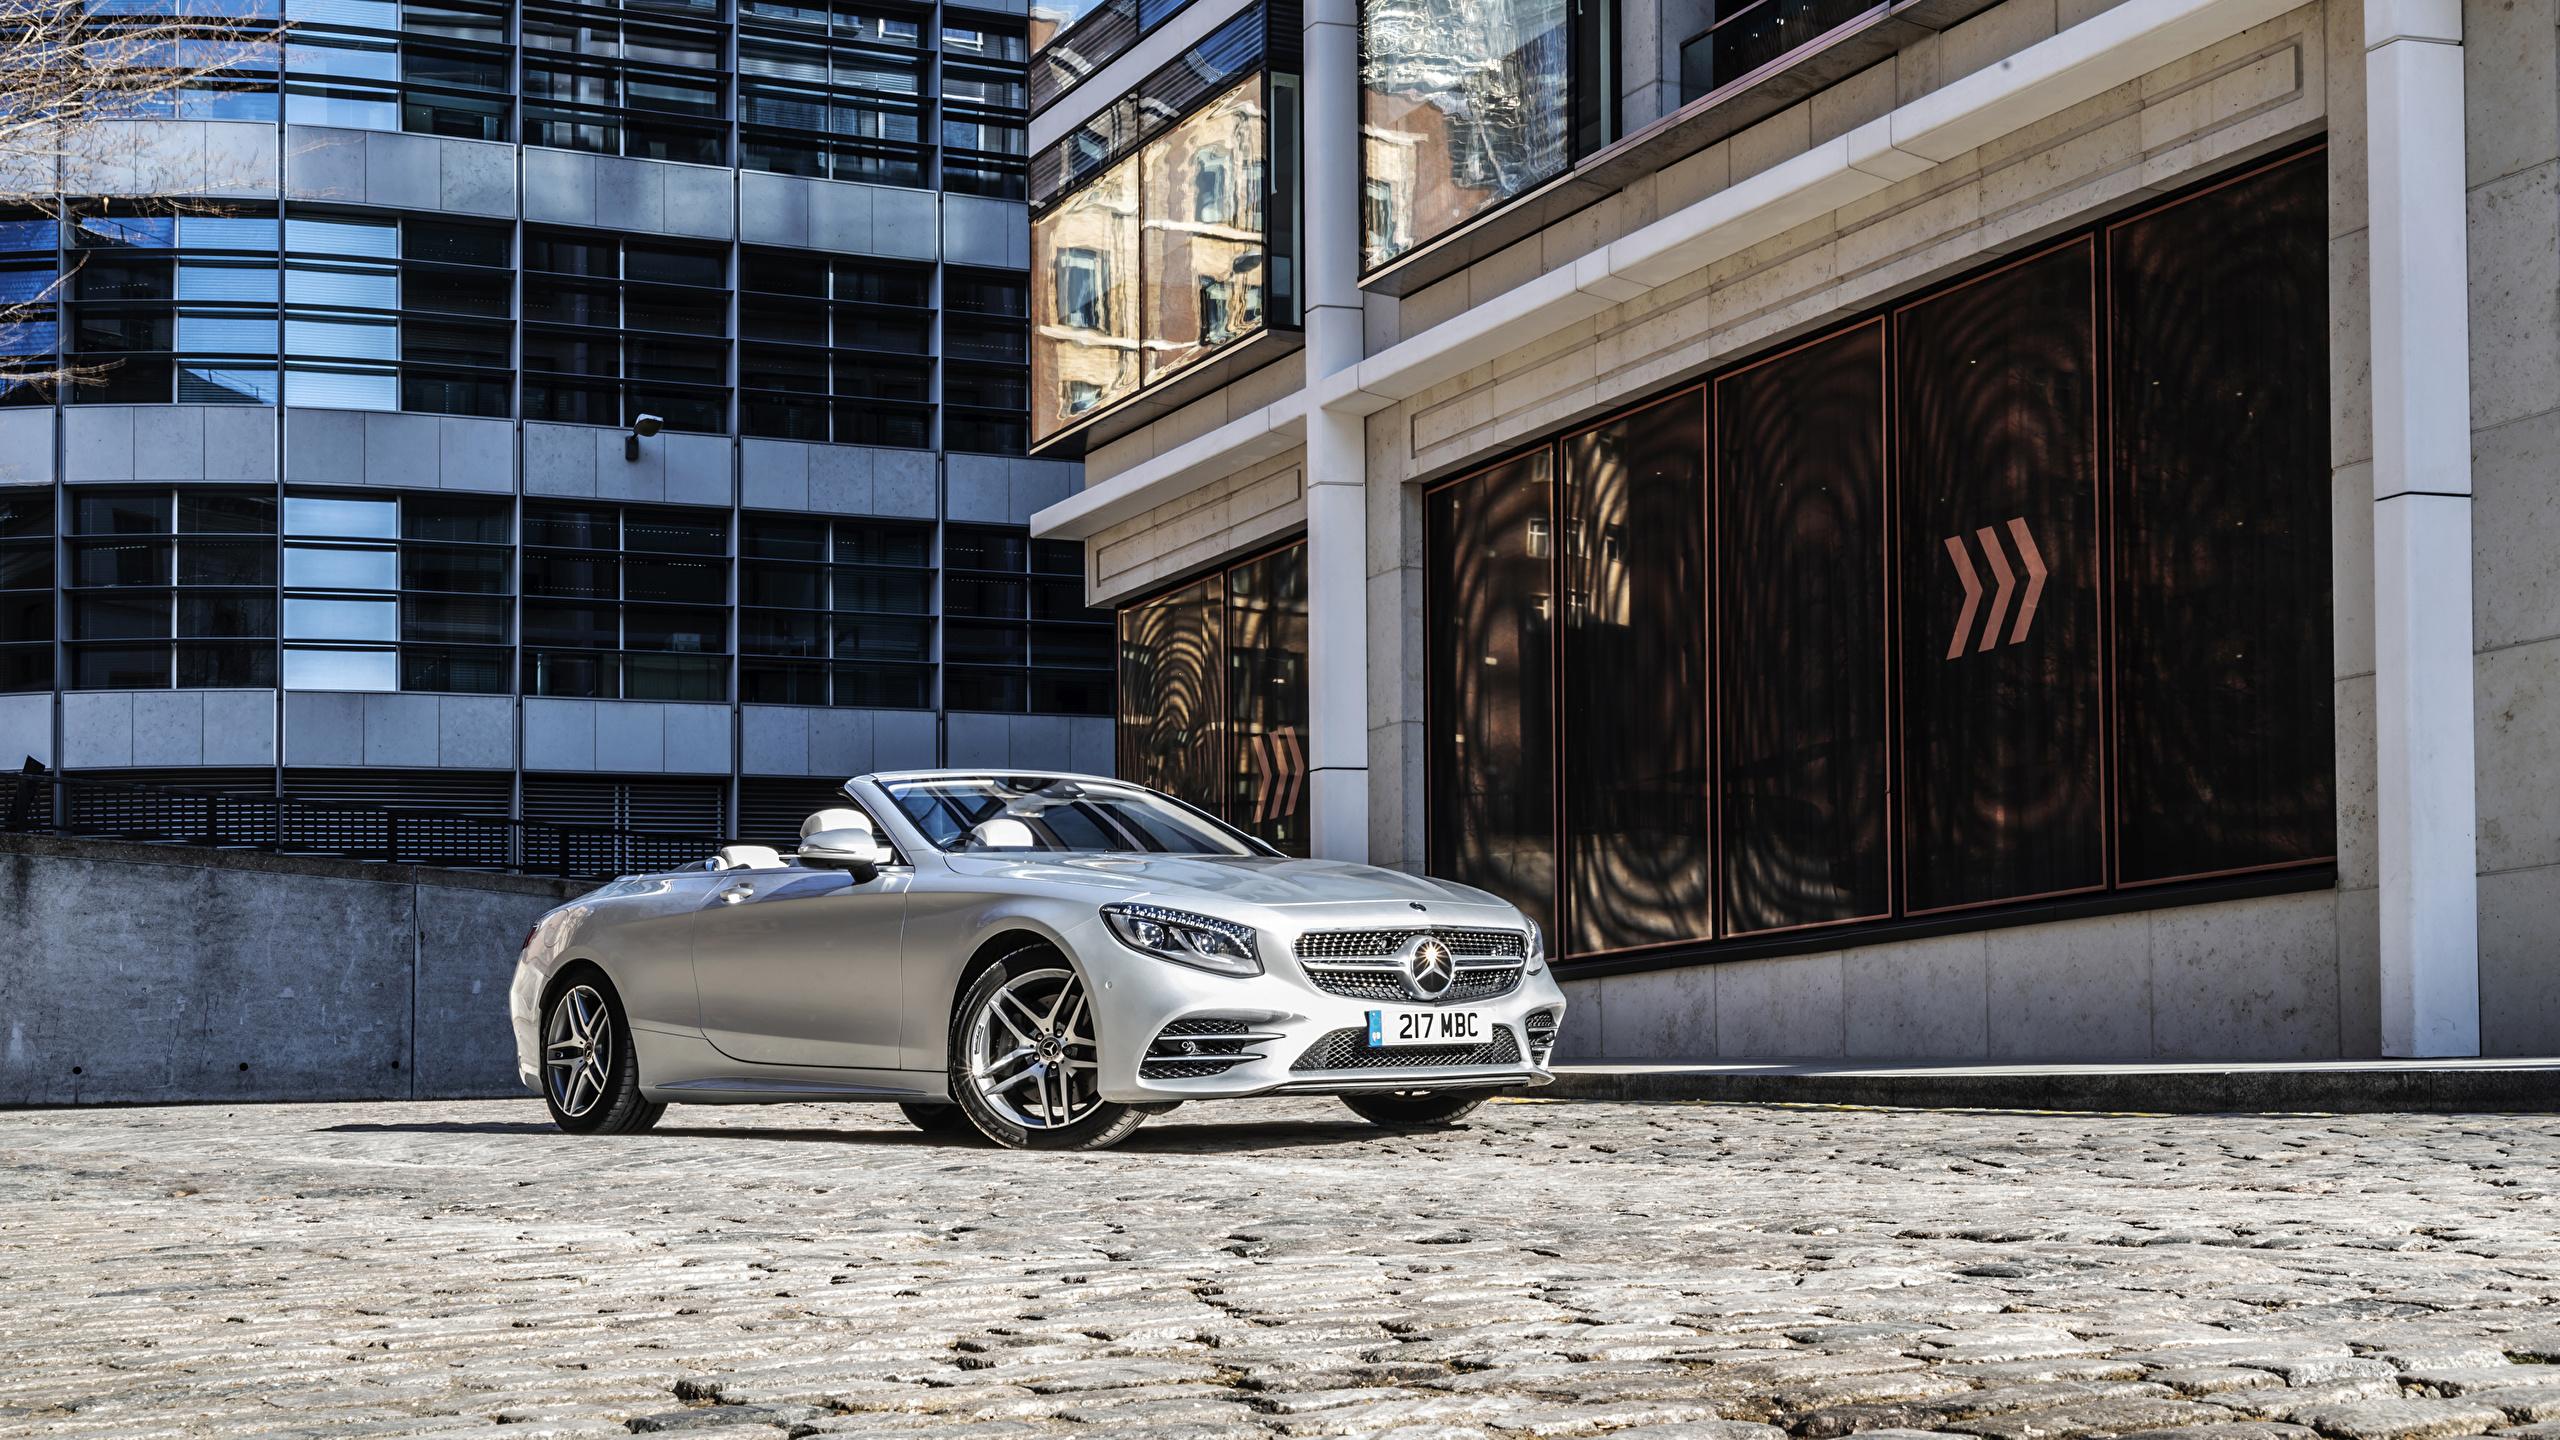 Картинки Mercedes-Benz 2018-19 S 560 Cabriolet AMG Line Кабриолет серебристая машины 2560x1440 Мерседес бенц кабриолета серебряный серебряная Серебристый авто машина автомобиль Автомобили